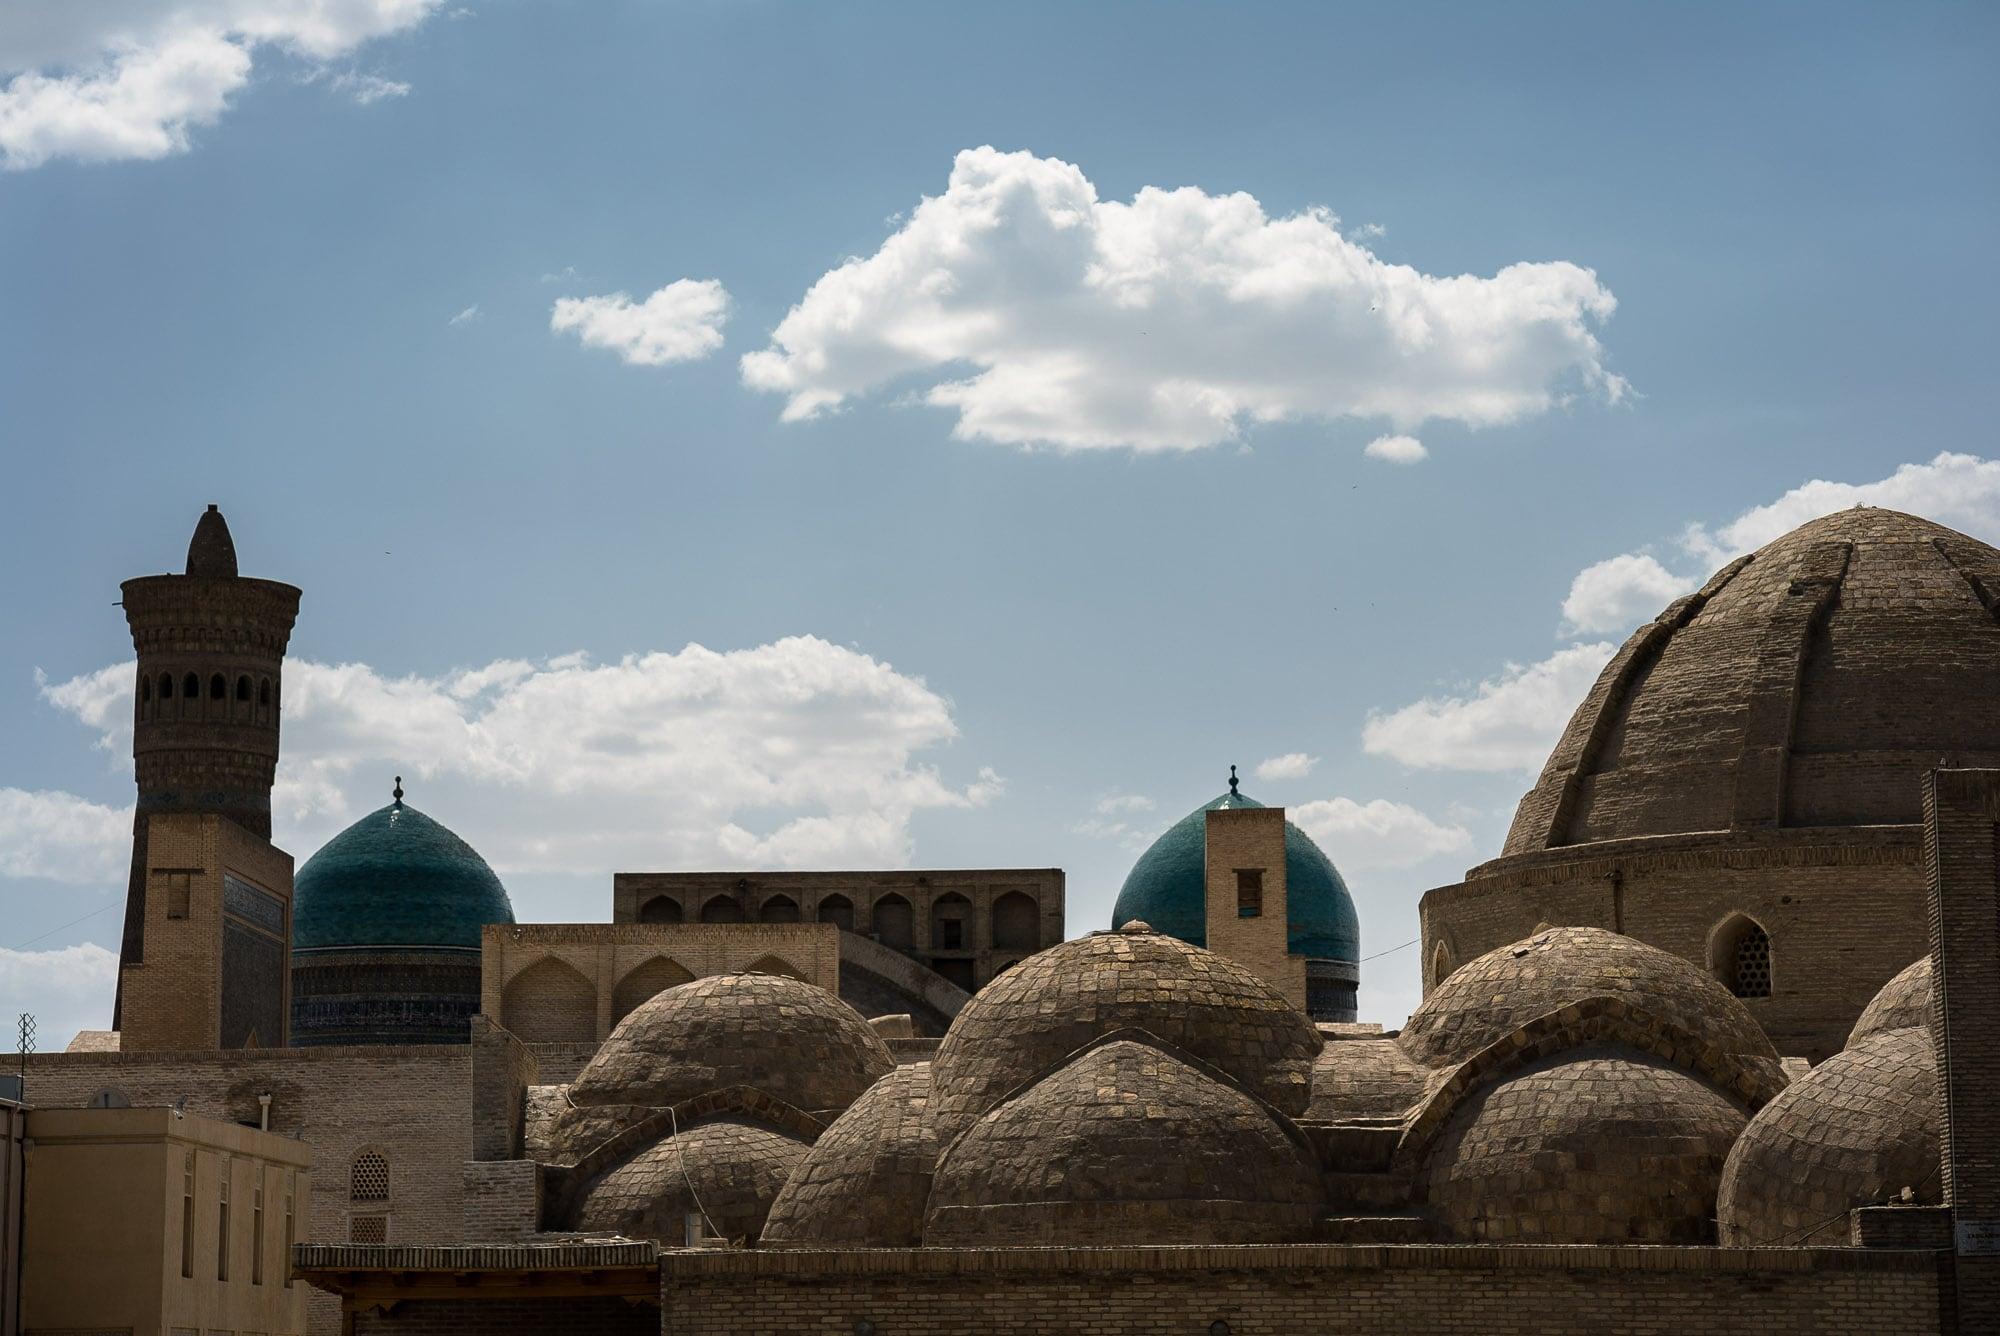 Toki-Zargaron domes